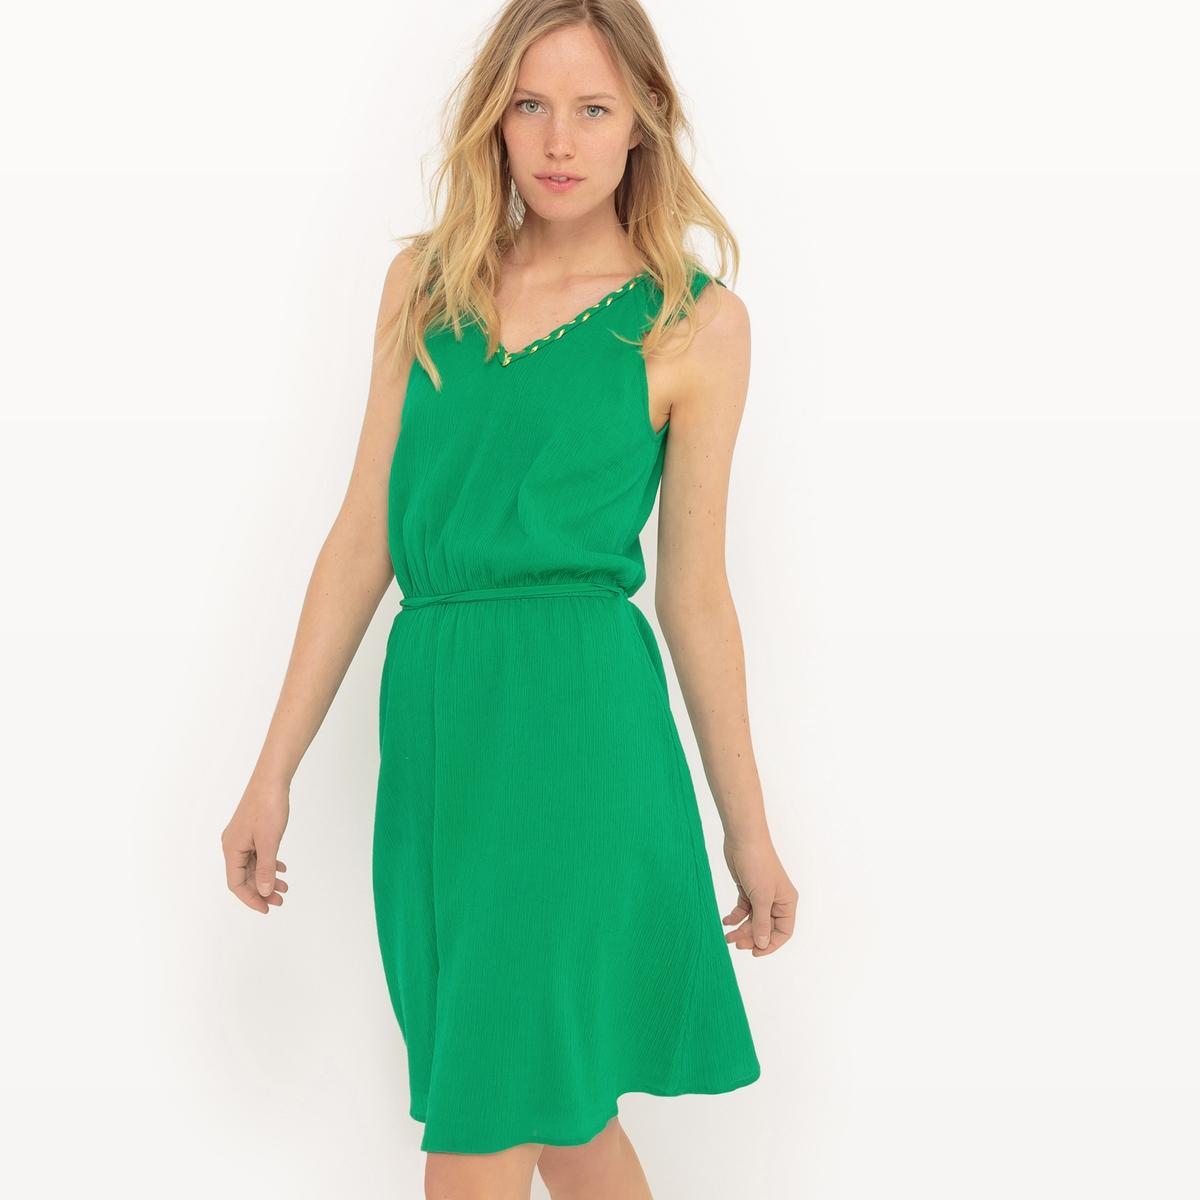 Платье до колен, рукава с воланамиМатериал : 100% хлопок    Подкладка : 100% хлопок    Длина рукава : без рукавов     Форма воротника : V-образный вырез    Покрой платья : расклешенное платье    Рисунок : однотонная модель     Особенность платья : волан    Длина платья : до колен    Стирка : машинная стирка при 40 °С в деликатном режиме    Уход: : сухая чистка и отбеливание запрещены    Машинная сушка : в умеренном режиме    Глажка : не гладить<br><br>Цвет: зеленый<br>Размер: 46 (FR) - 52 (RUS).44 (FR) - 50 (RUS)